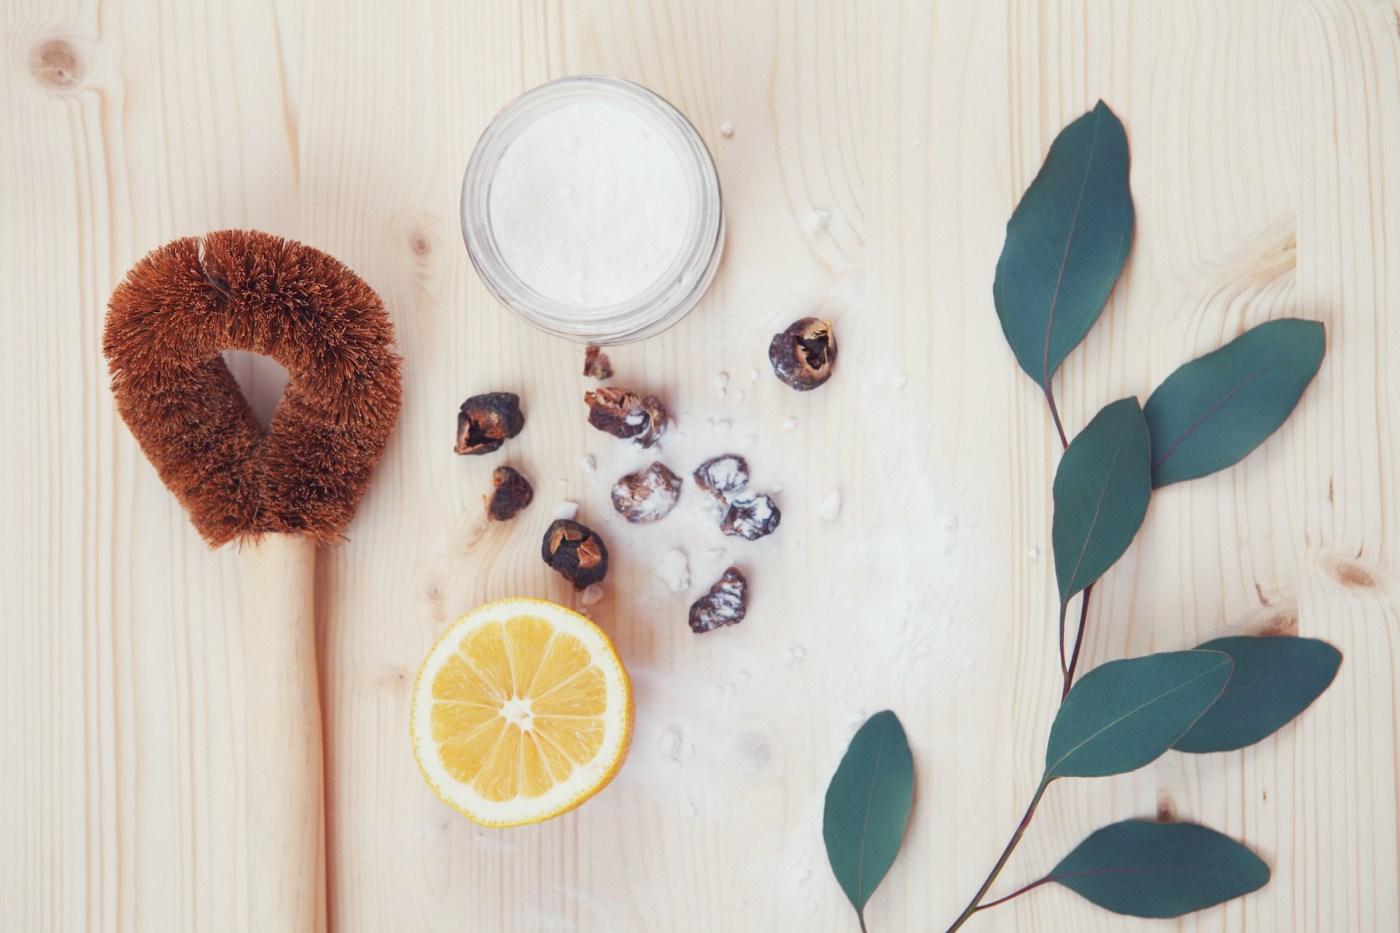 Detox Your Home: 4 Simple Tips to Avoid Hidden Hormone Disruptors.